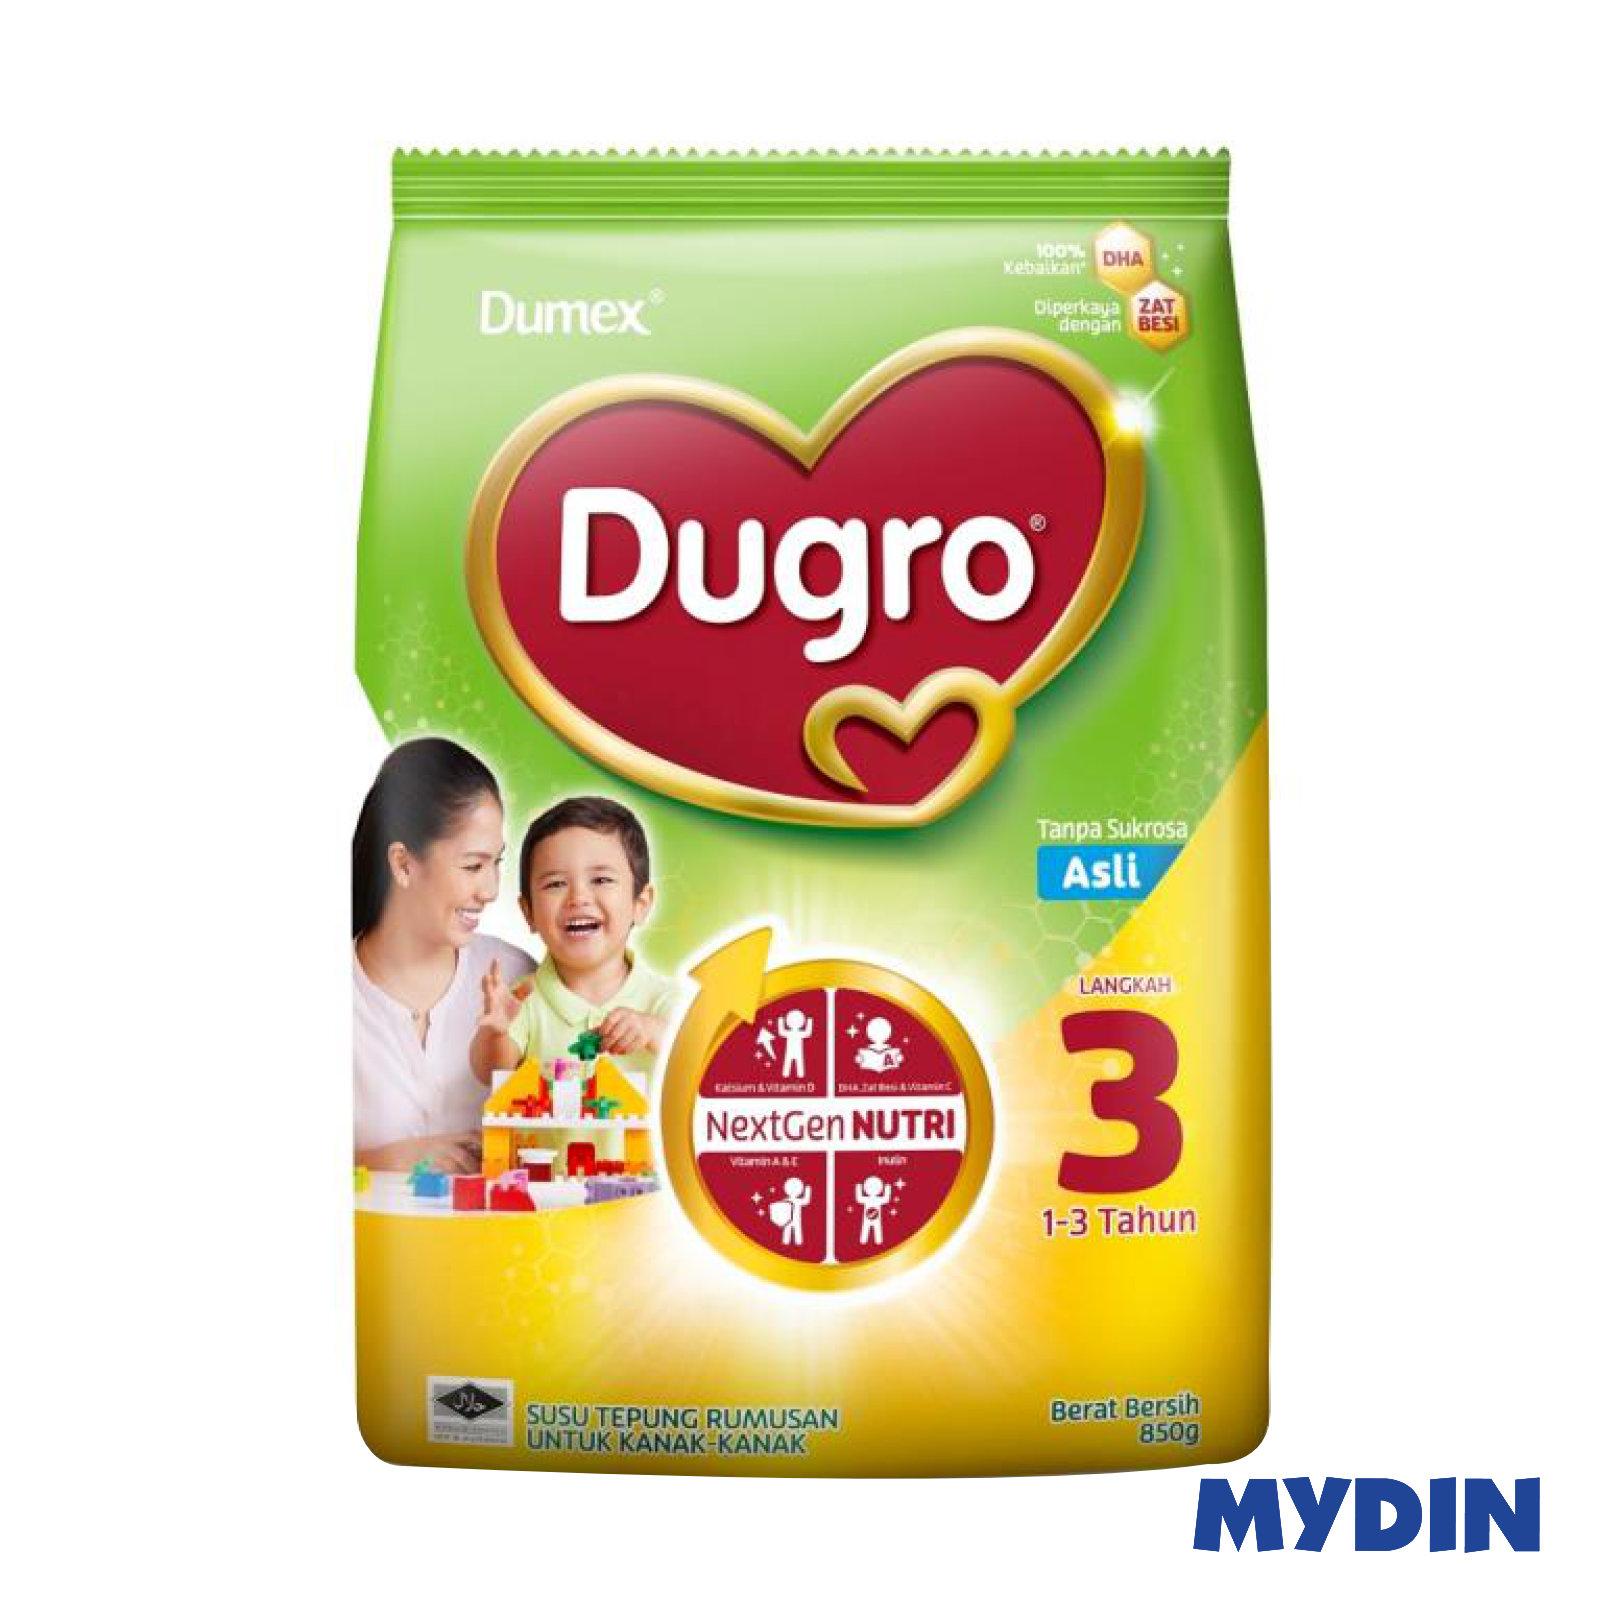 Dumex Dugro 3 Original (850g)